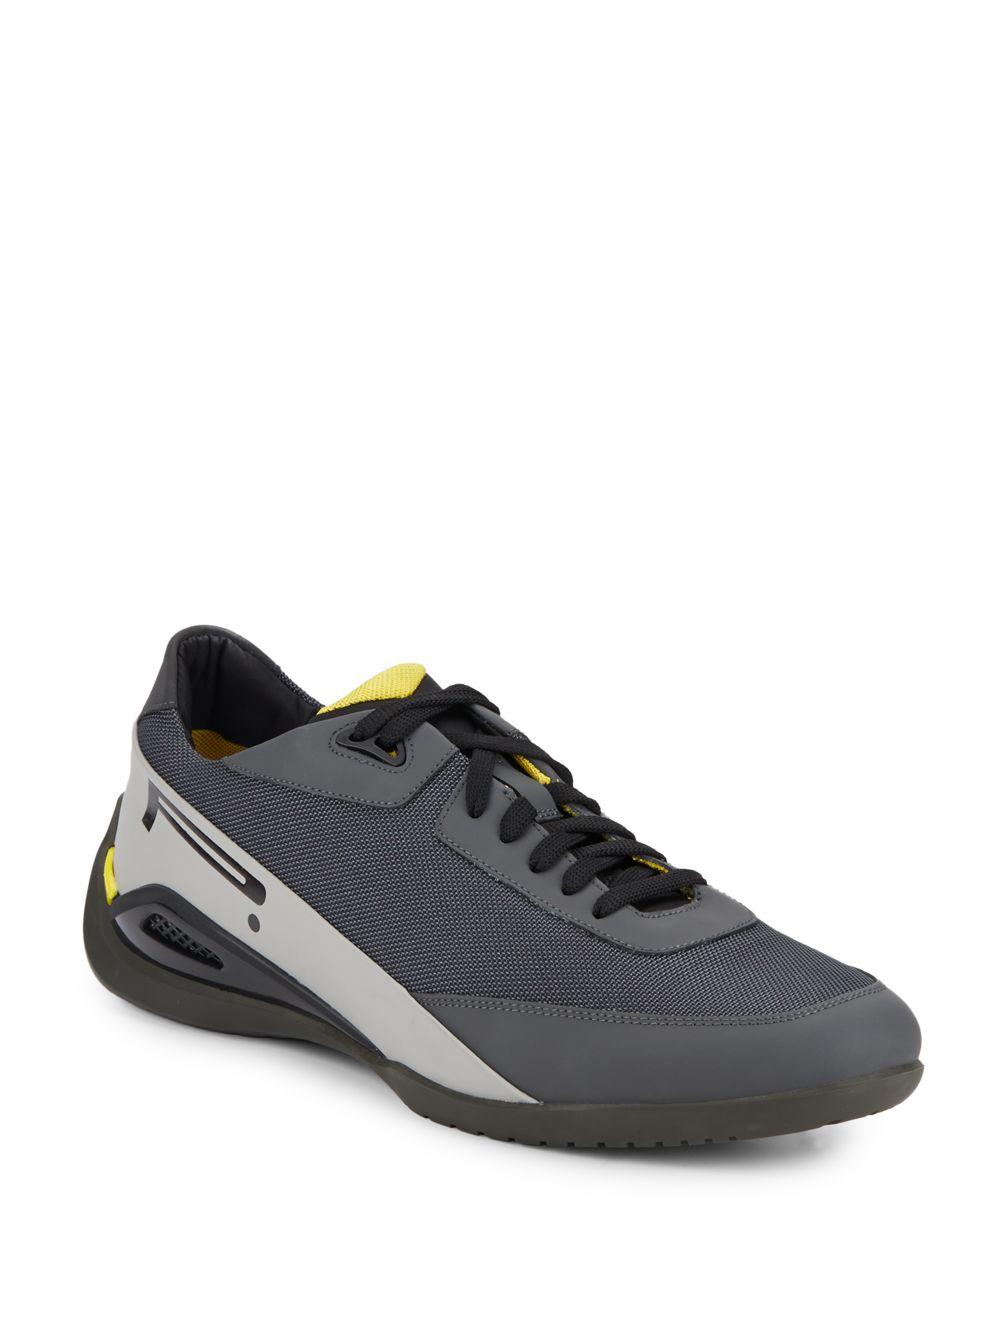 Lyst Pirelli Pzero Bobby Rex 20 Sneakers In Black For Men